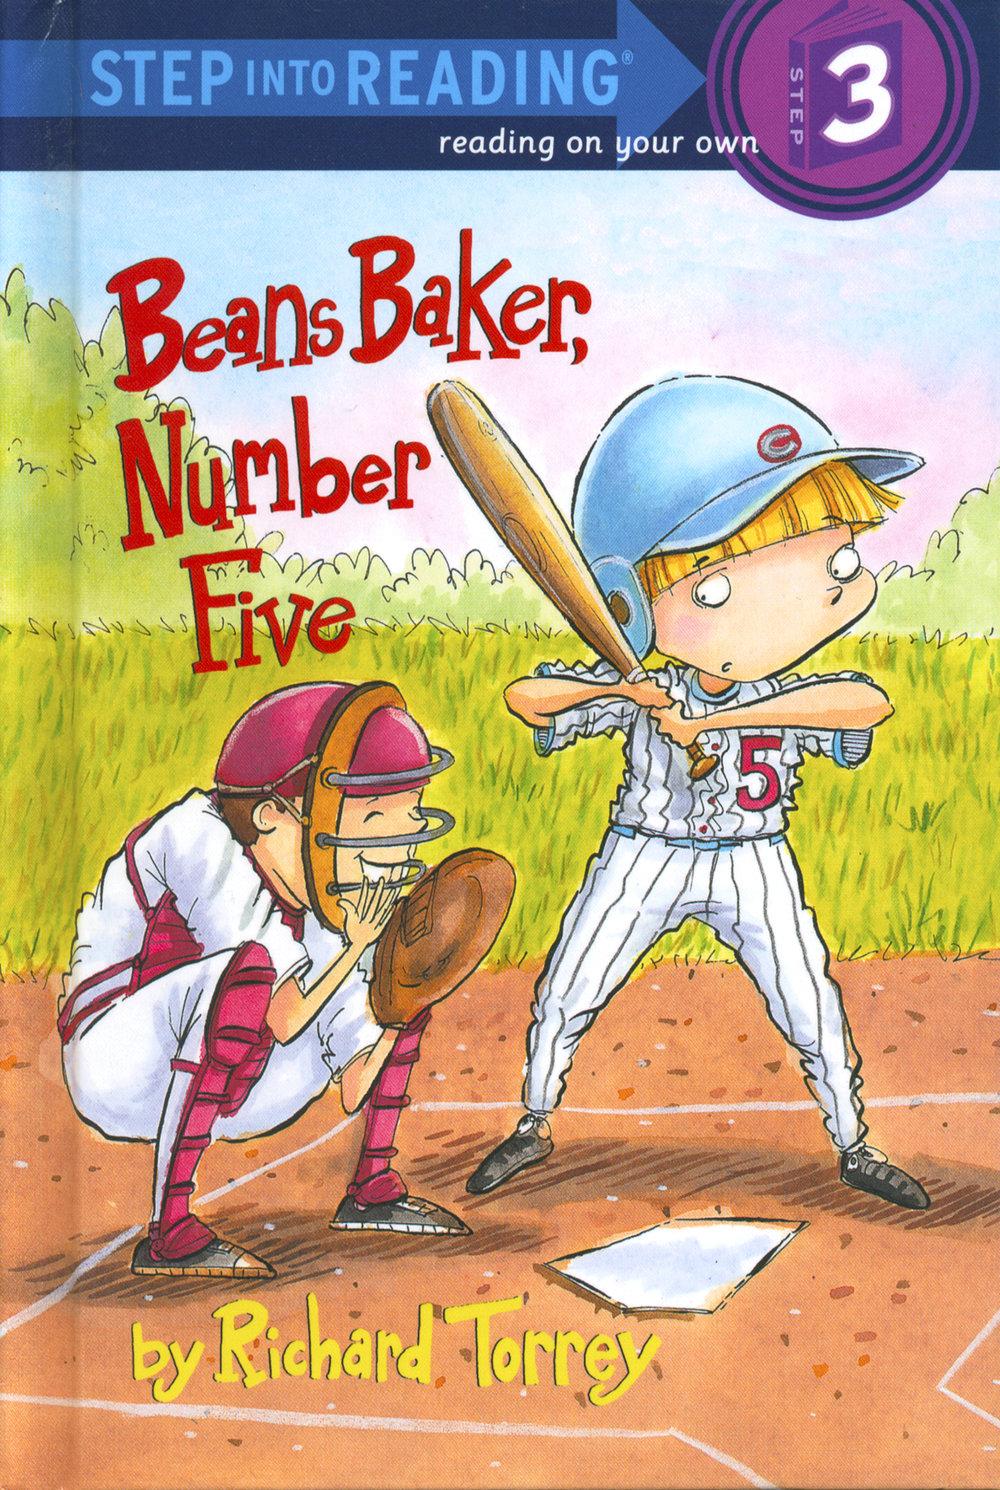 BEANS BAKER, NUMBER FIVE